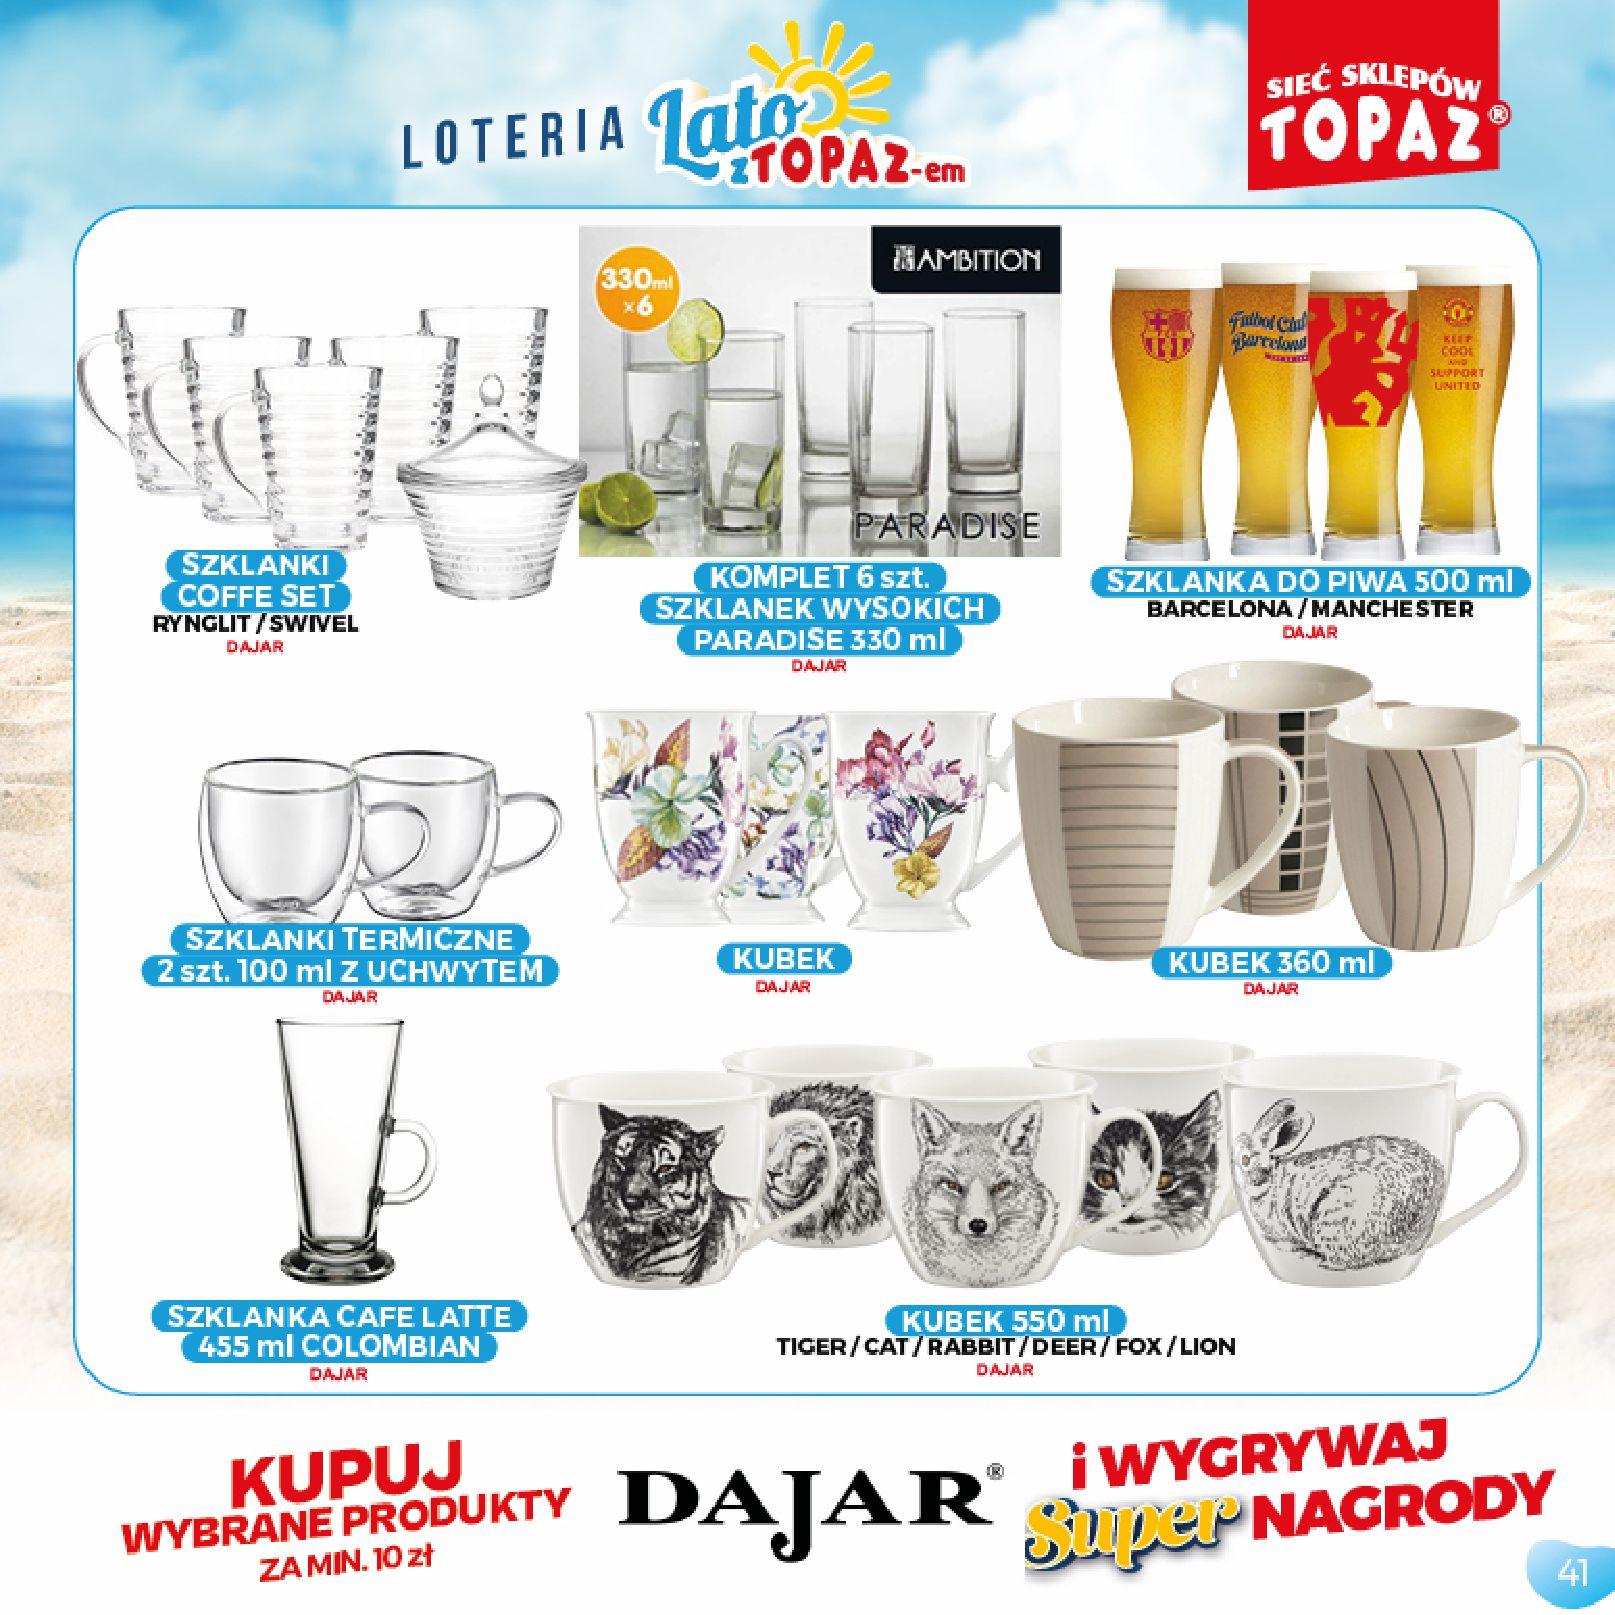 Gazetka TOPAZ: Gazetka TOPAZ - Loteria 2021-07-05 page-41